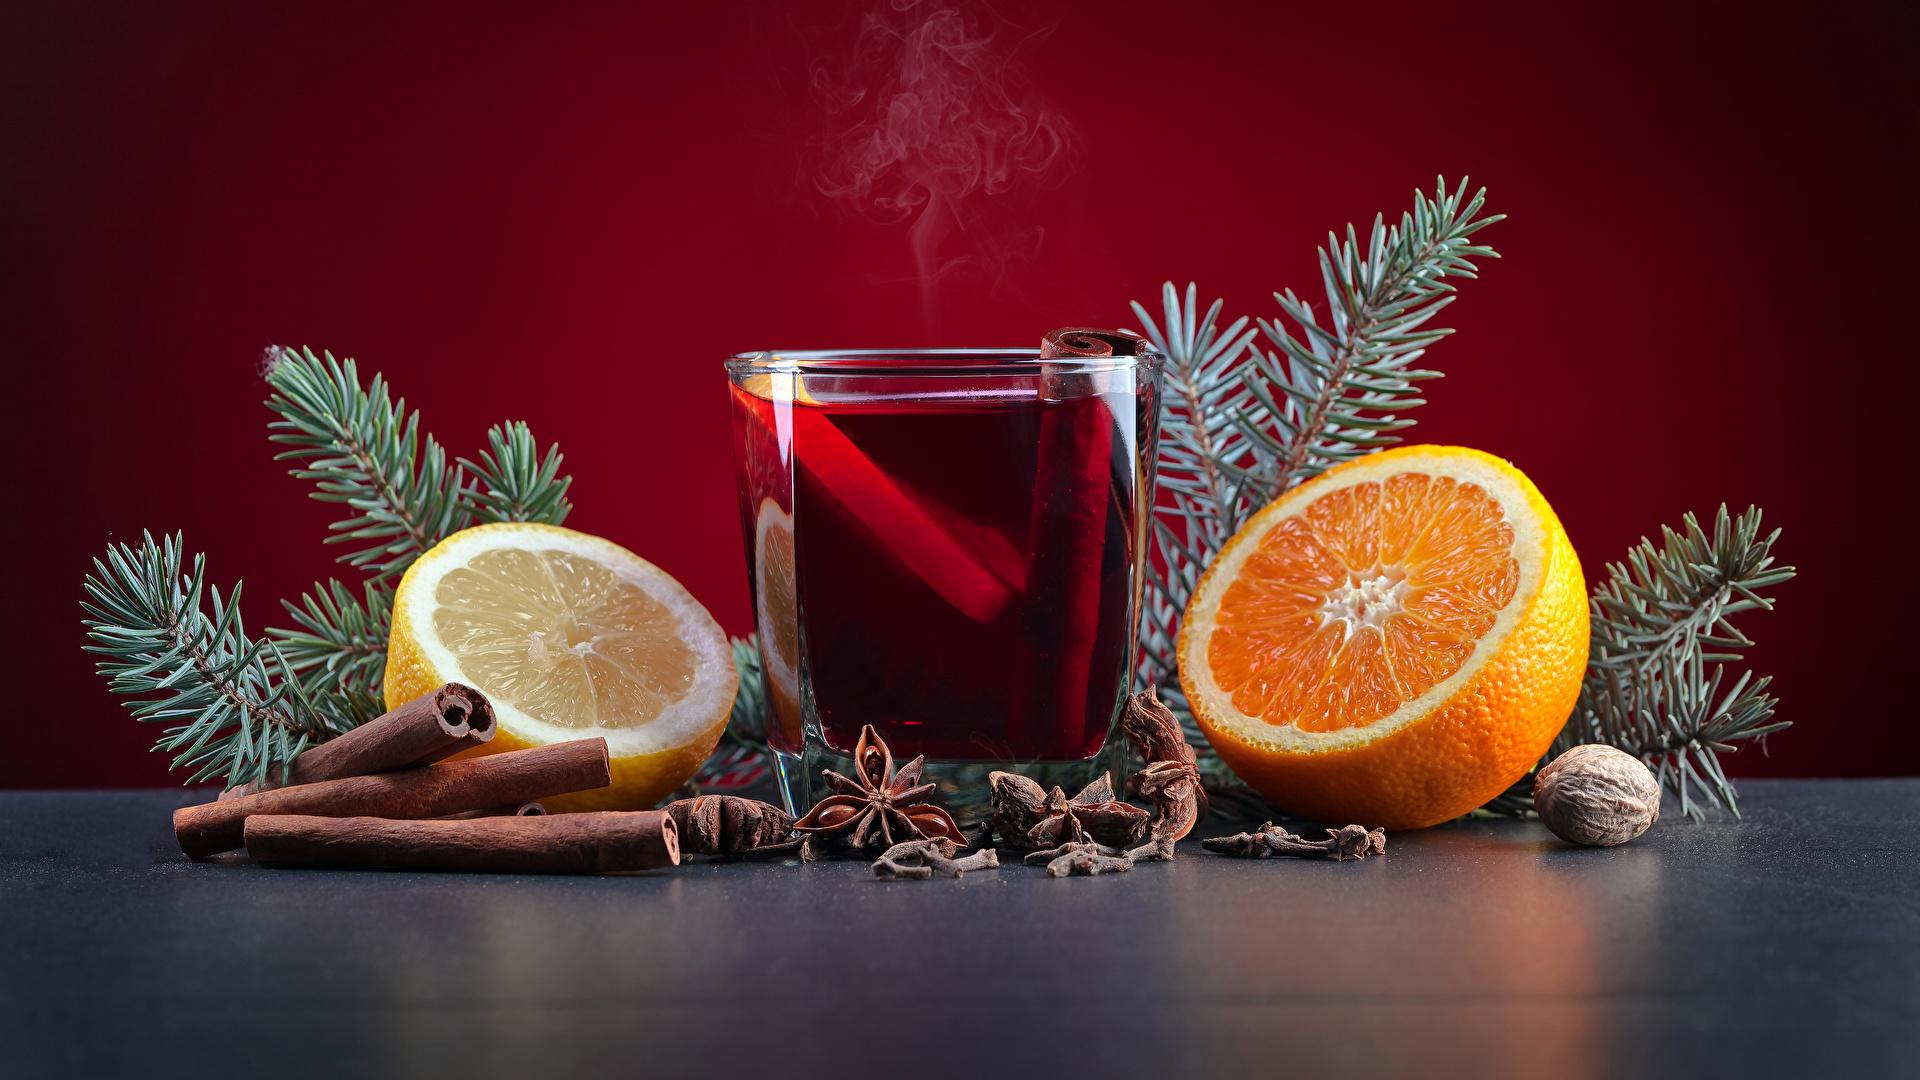 Картинка Новый год Апельсин Бадьян звезда аниса Стакан Лимоны Корица Пища Орехи Напитки 1920x1080 Рождество стакана стакане Еда Продукты питания напиток